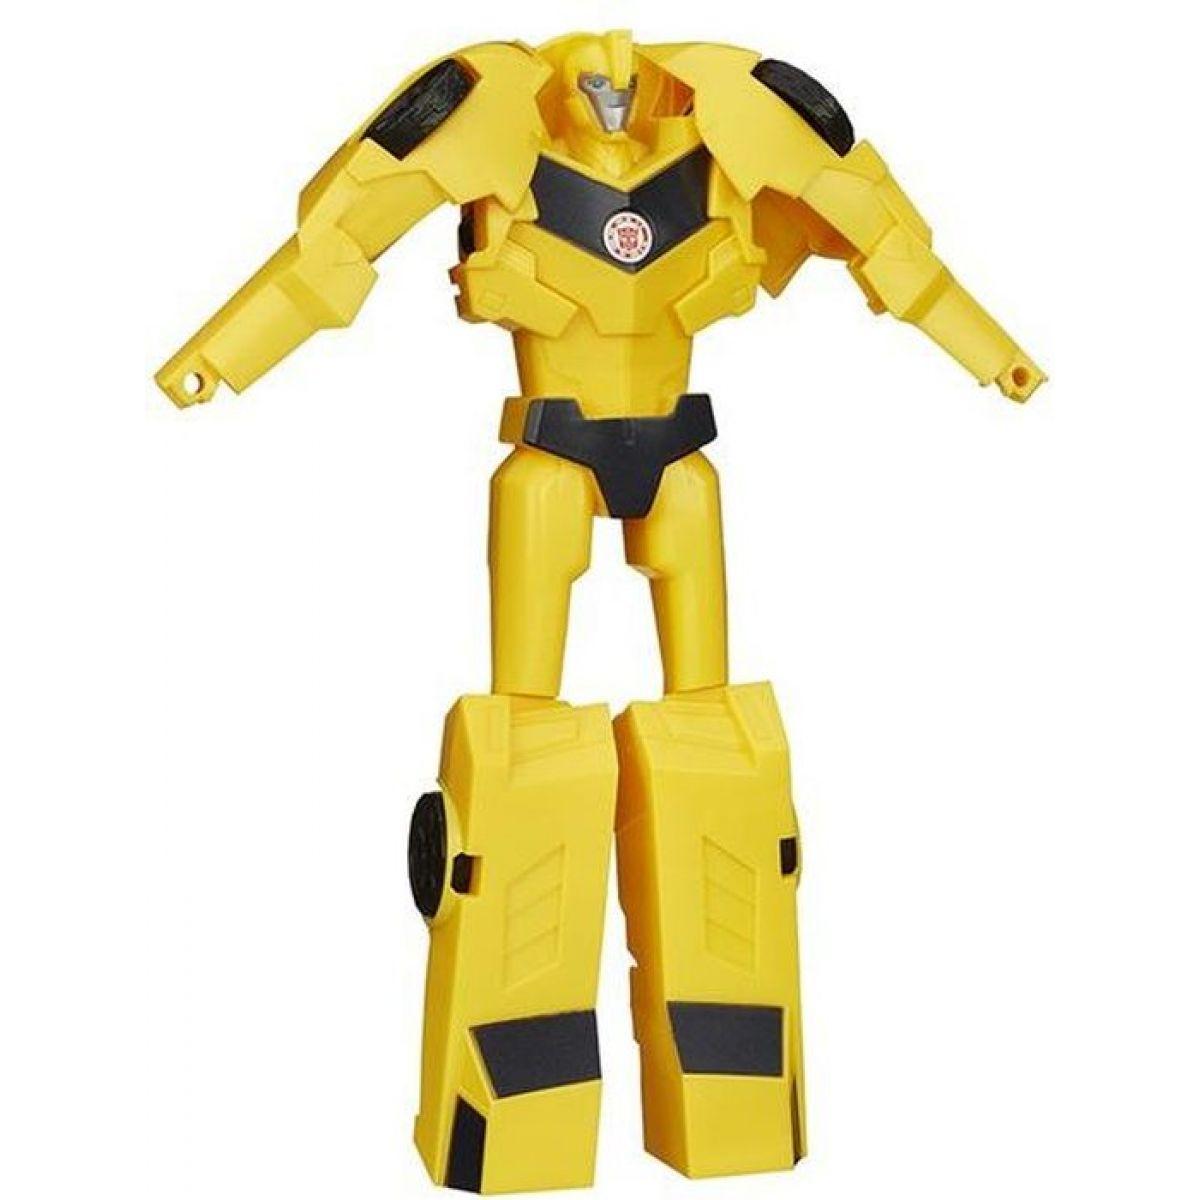 Transformers RID transformace ve 4 rychlých krocích - Bumblebee